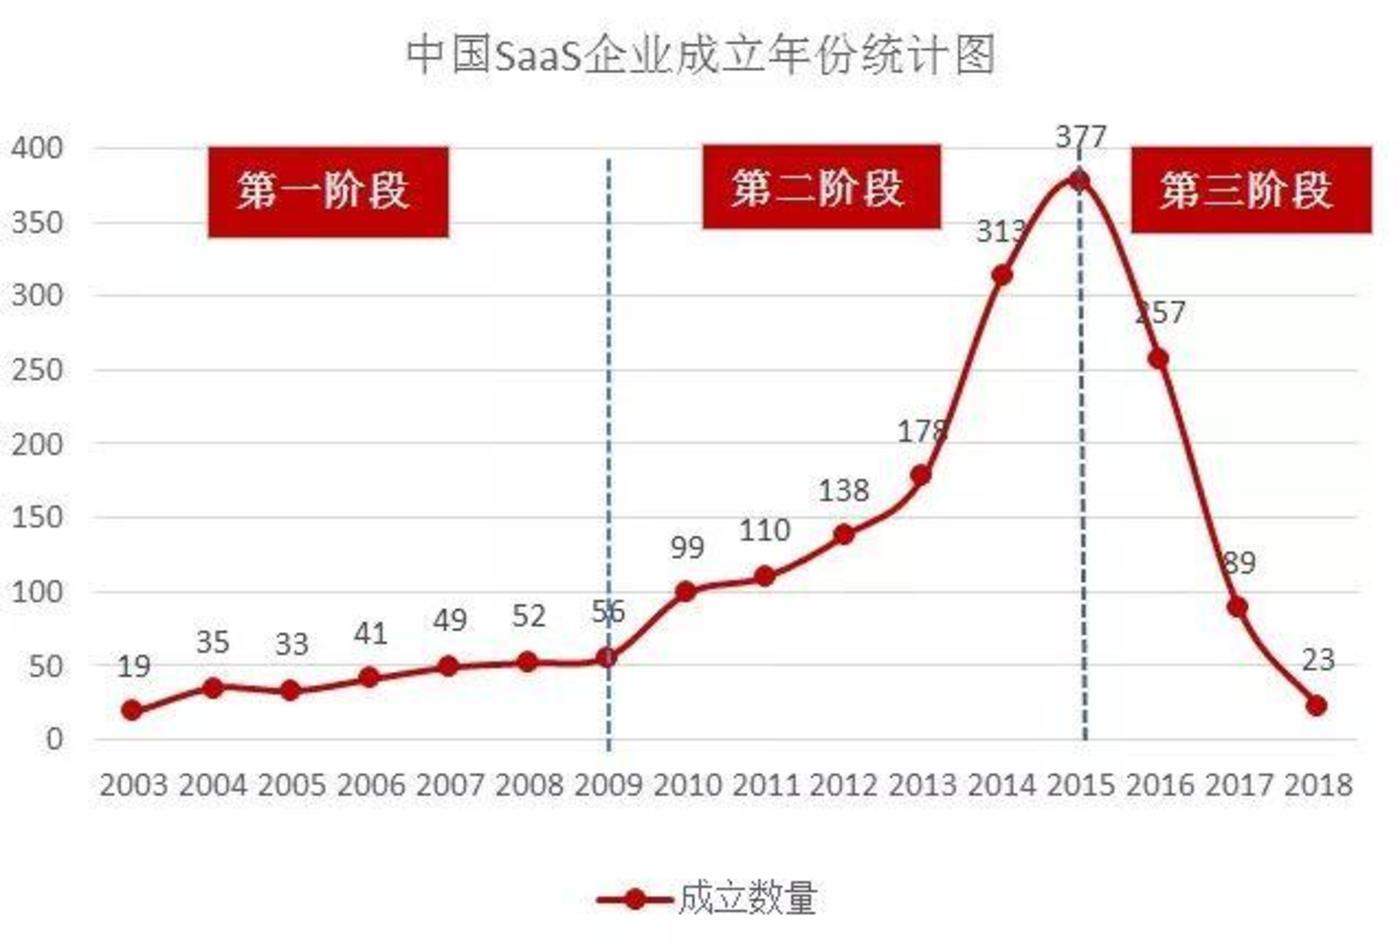 这个行业增长飞速,中国公司却无比纠结